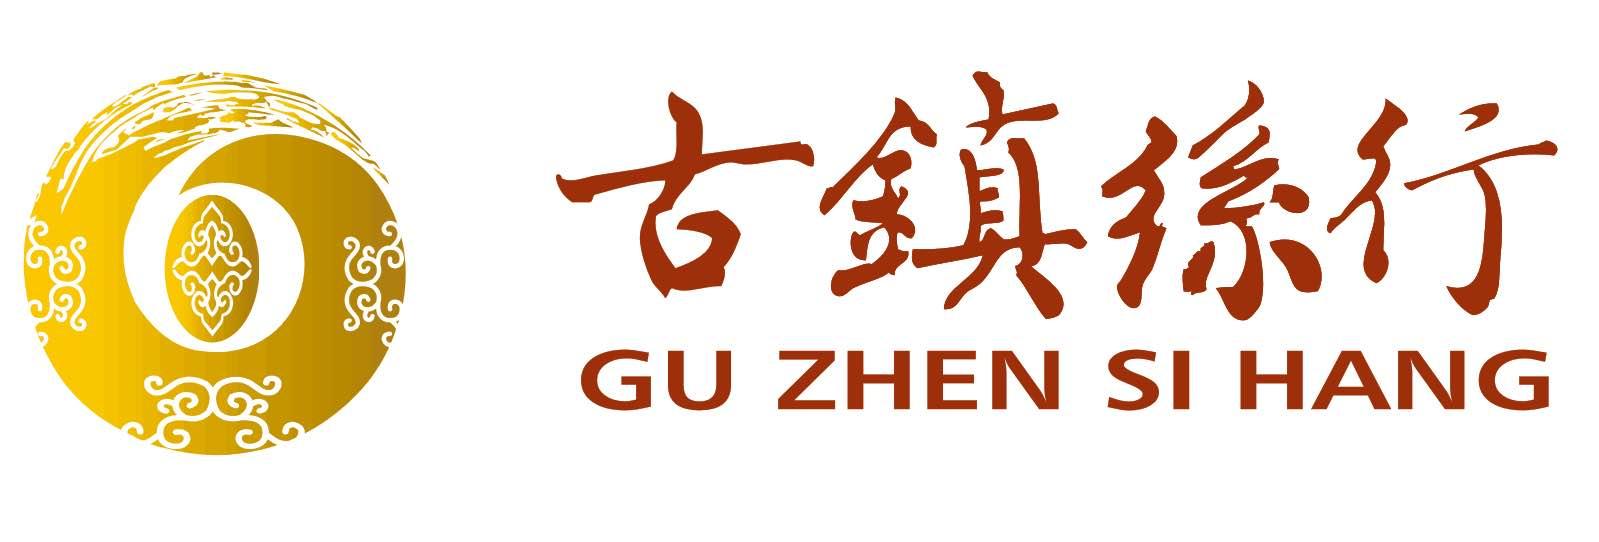 logo logo 标志 设计 矢量 矢量图 素材 图标 1599_542